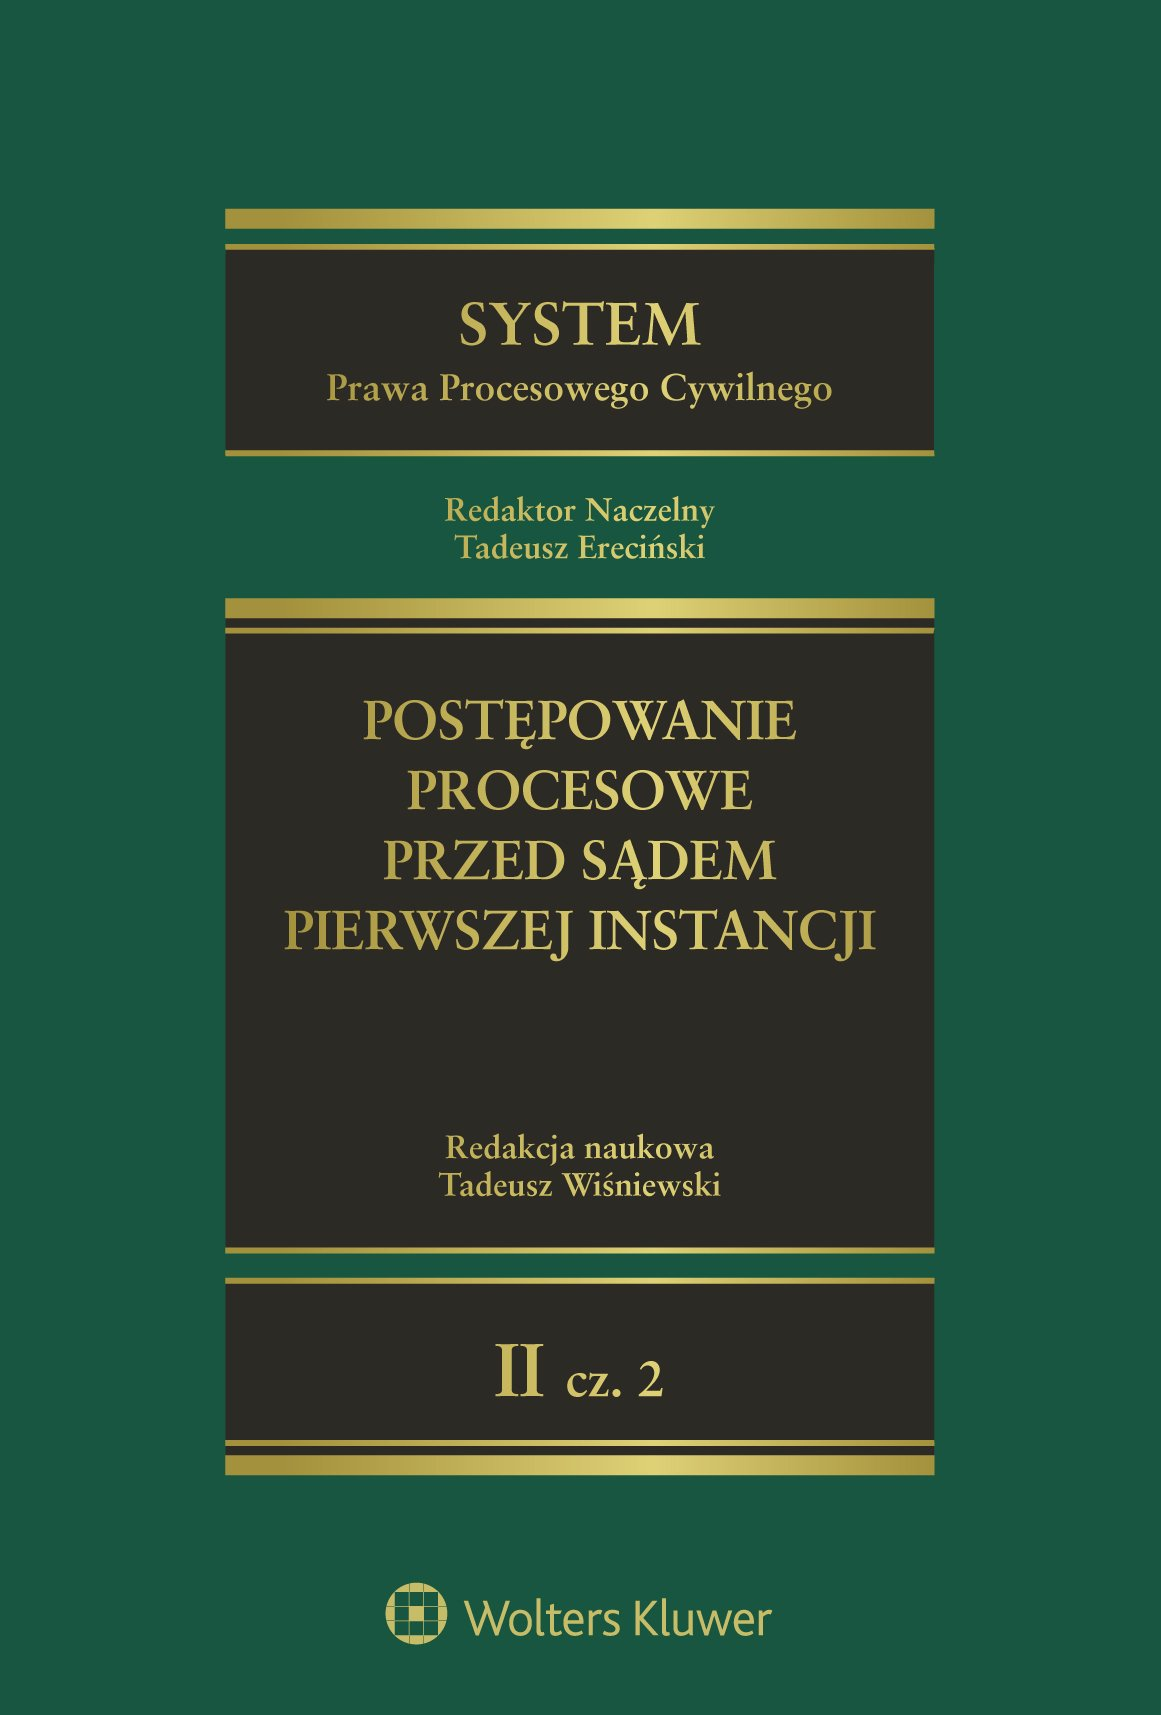 System Prawa Procesowego Cywilnego. TOM 2. Część 2. Postępowanie procesowe przed sądem pierwszej instancji - Ebook (Książka PDF) do pobrania w formacie PDF